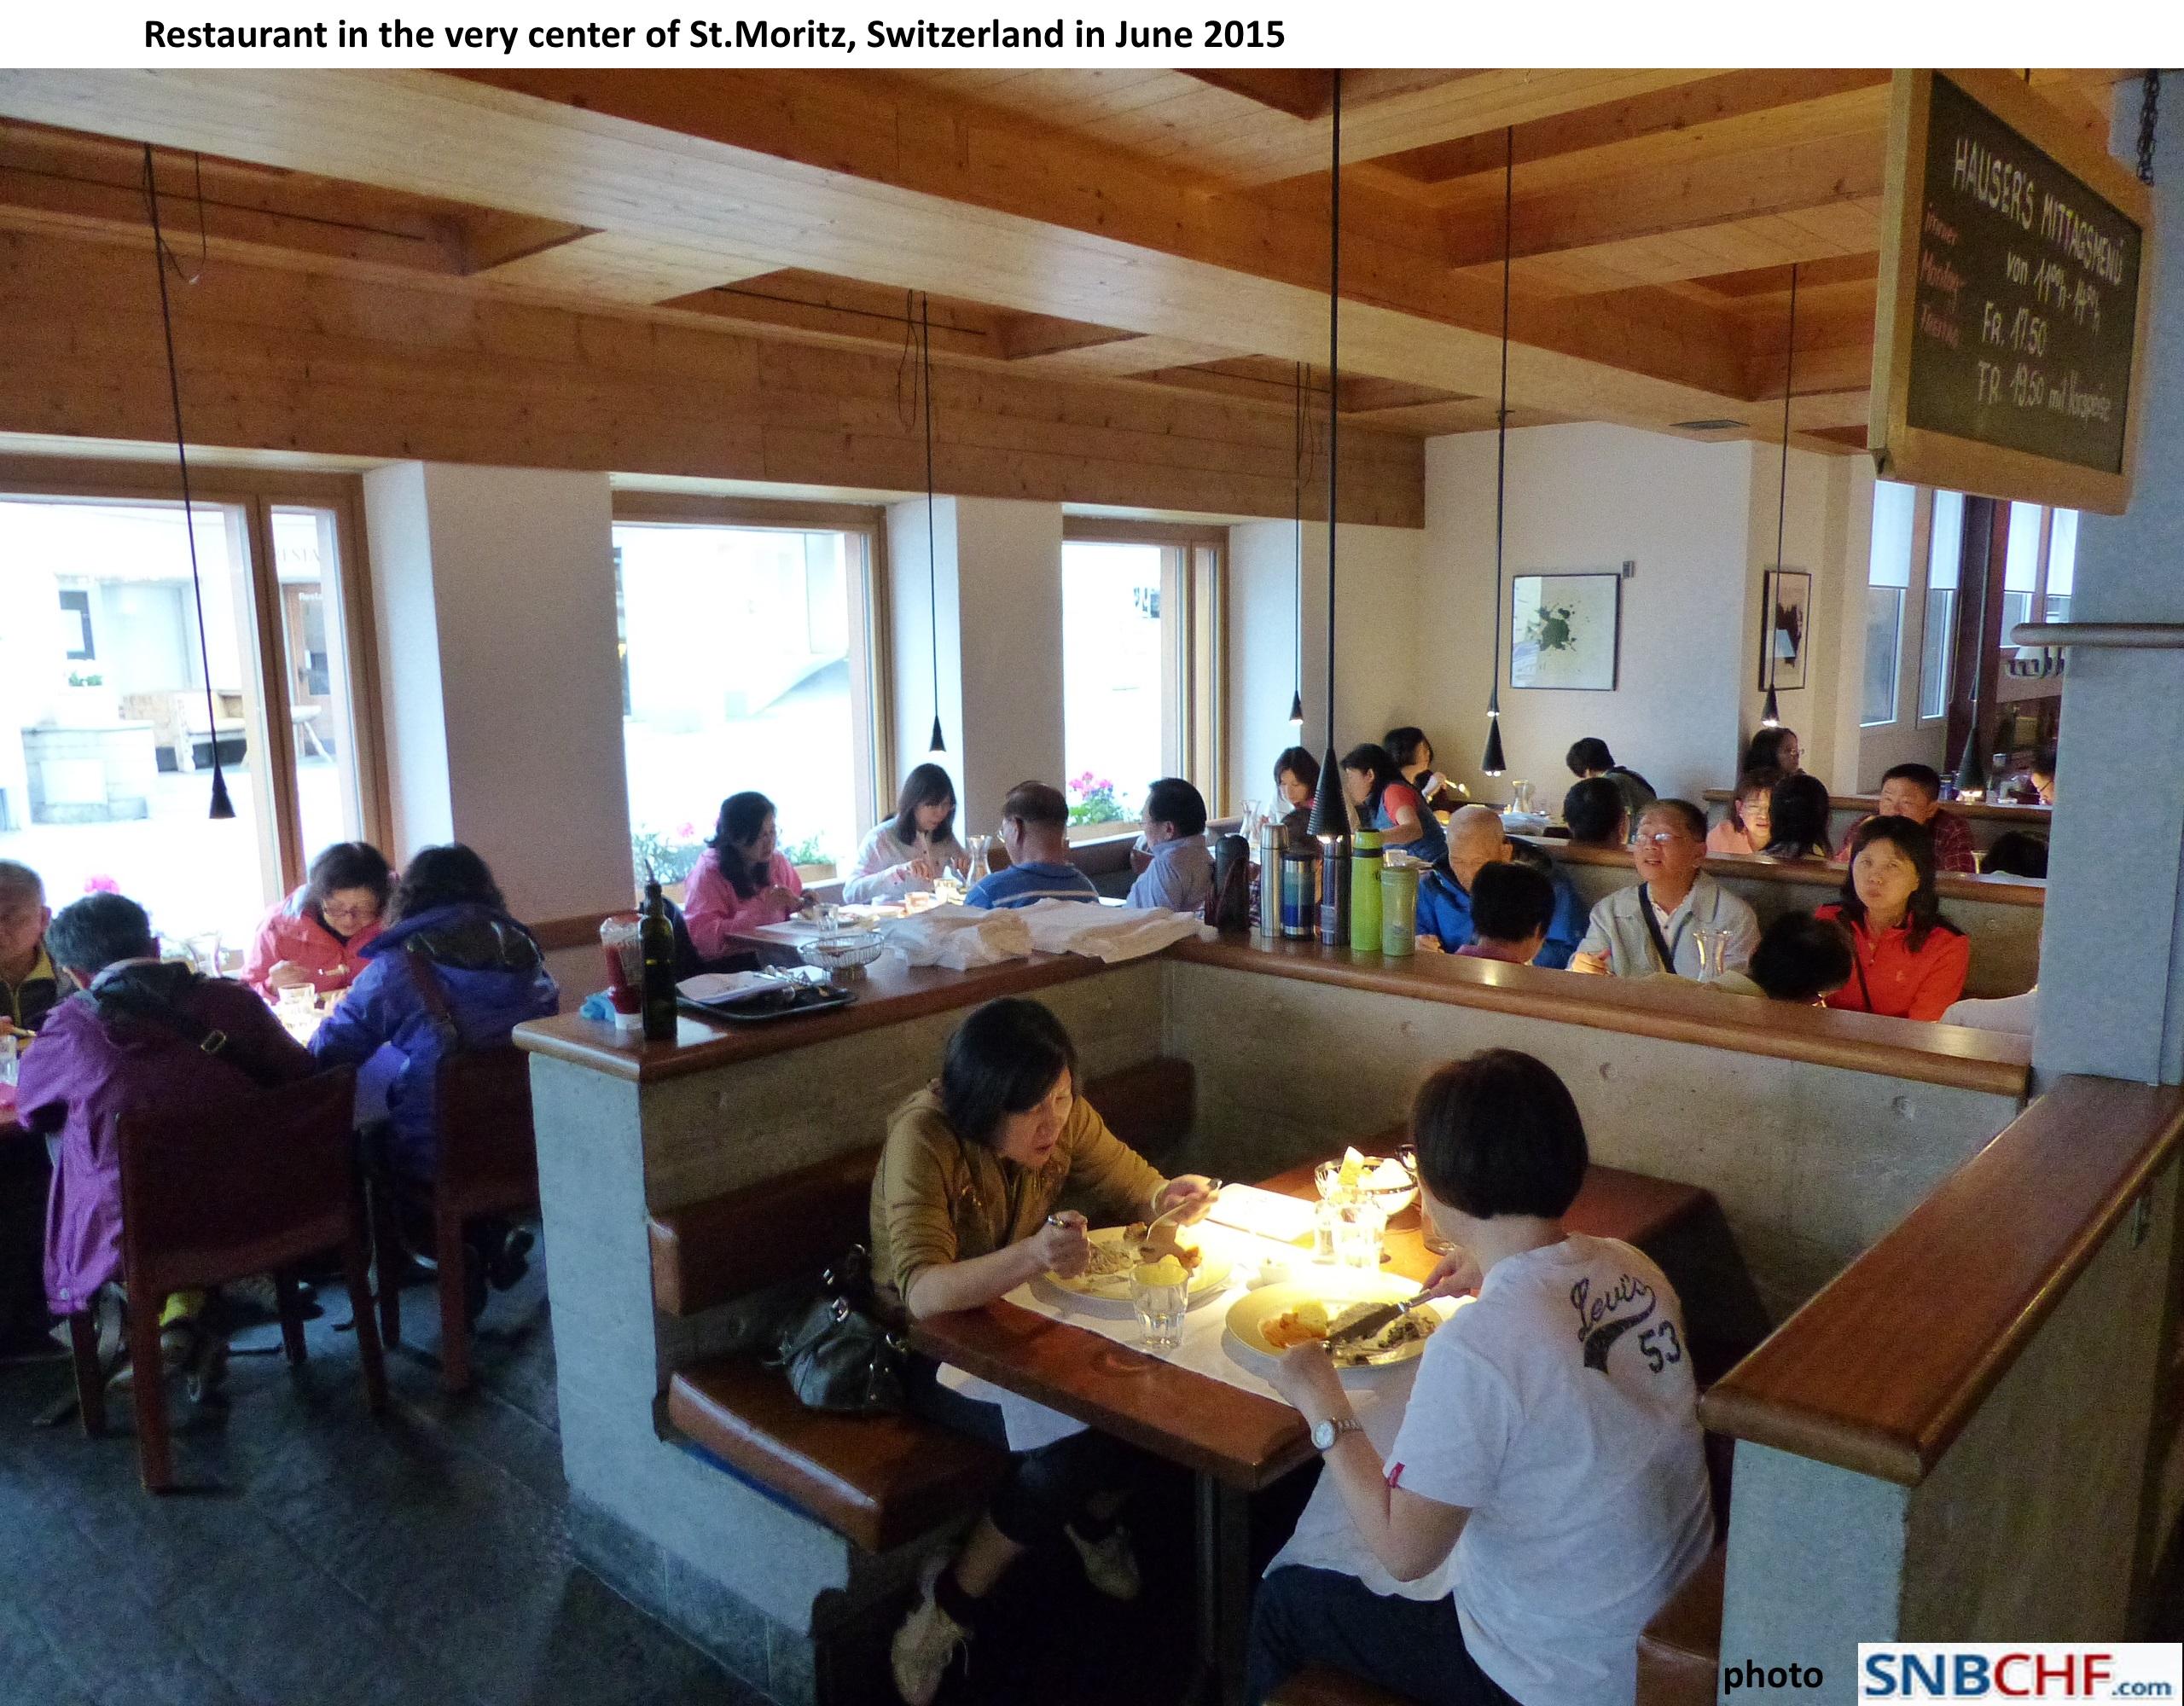 St. Moritz Restaurant Full Chinese2